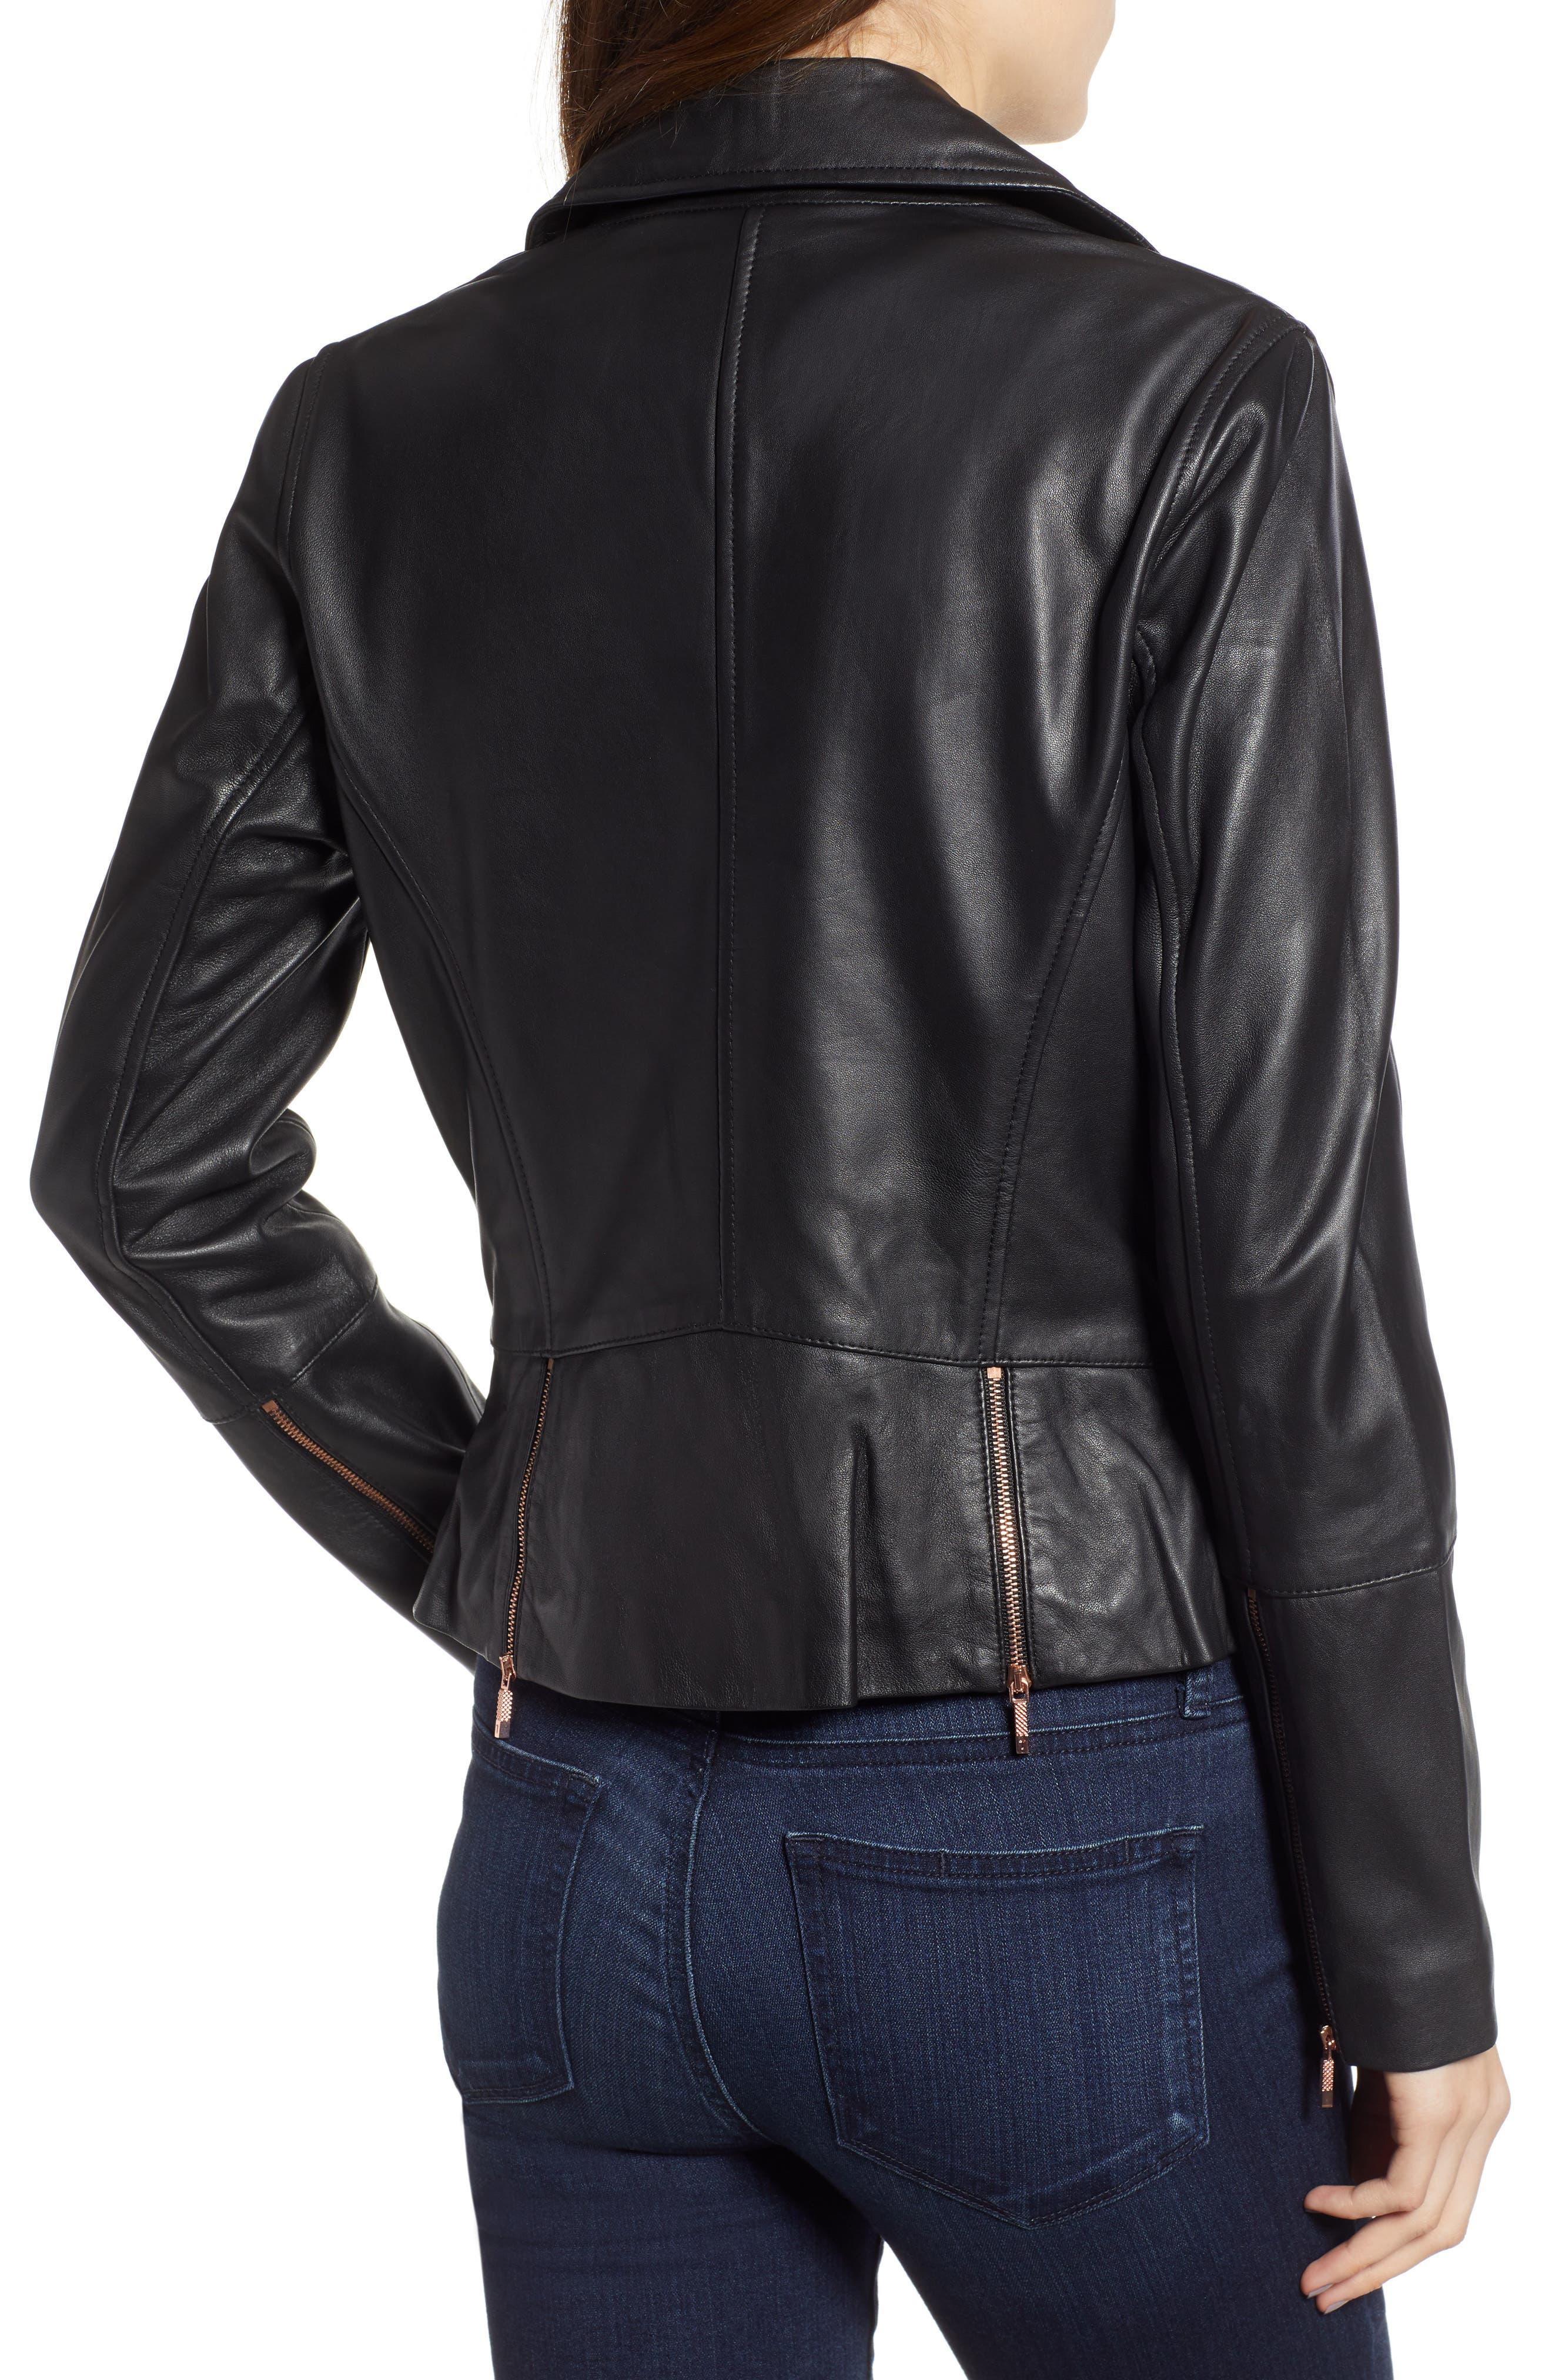 Lizia Minimal Biker Jacket,                             Alternate thumbnail 2, color,                             BLACK